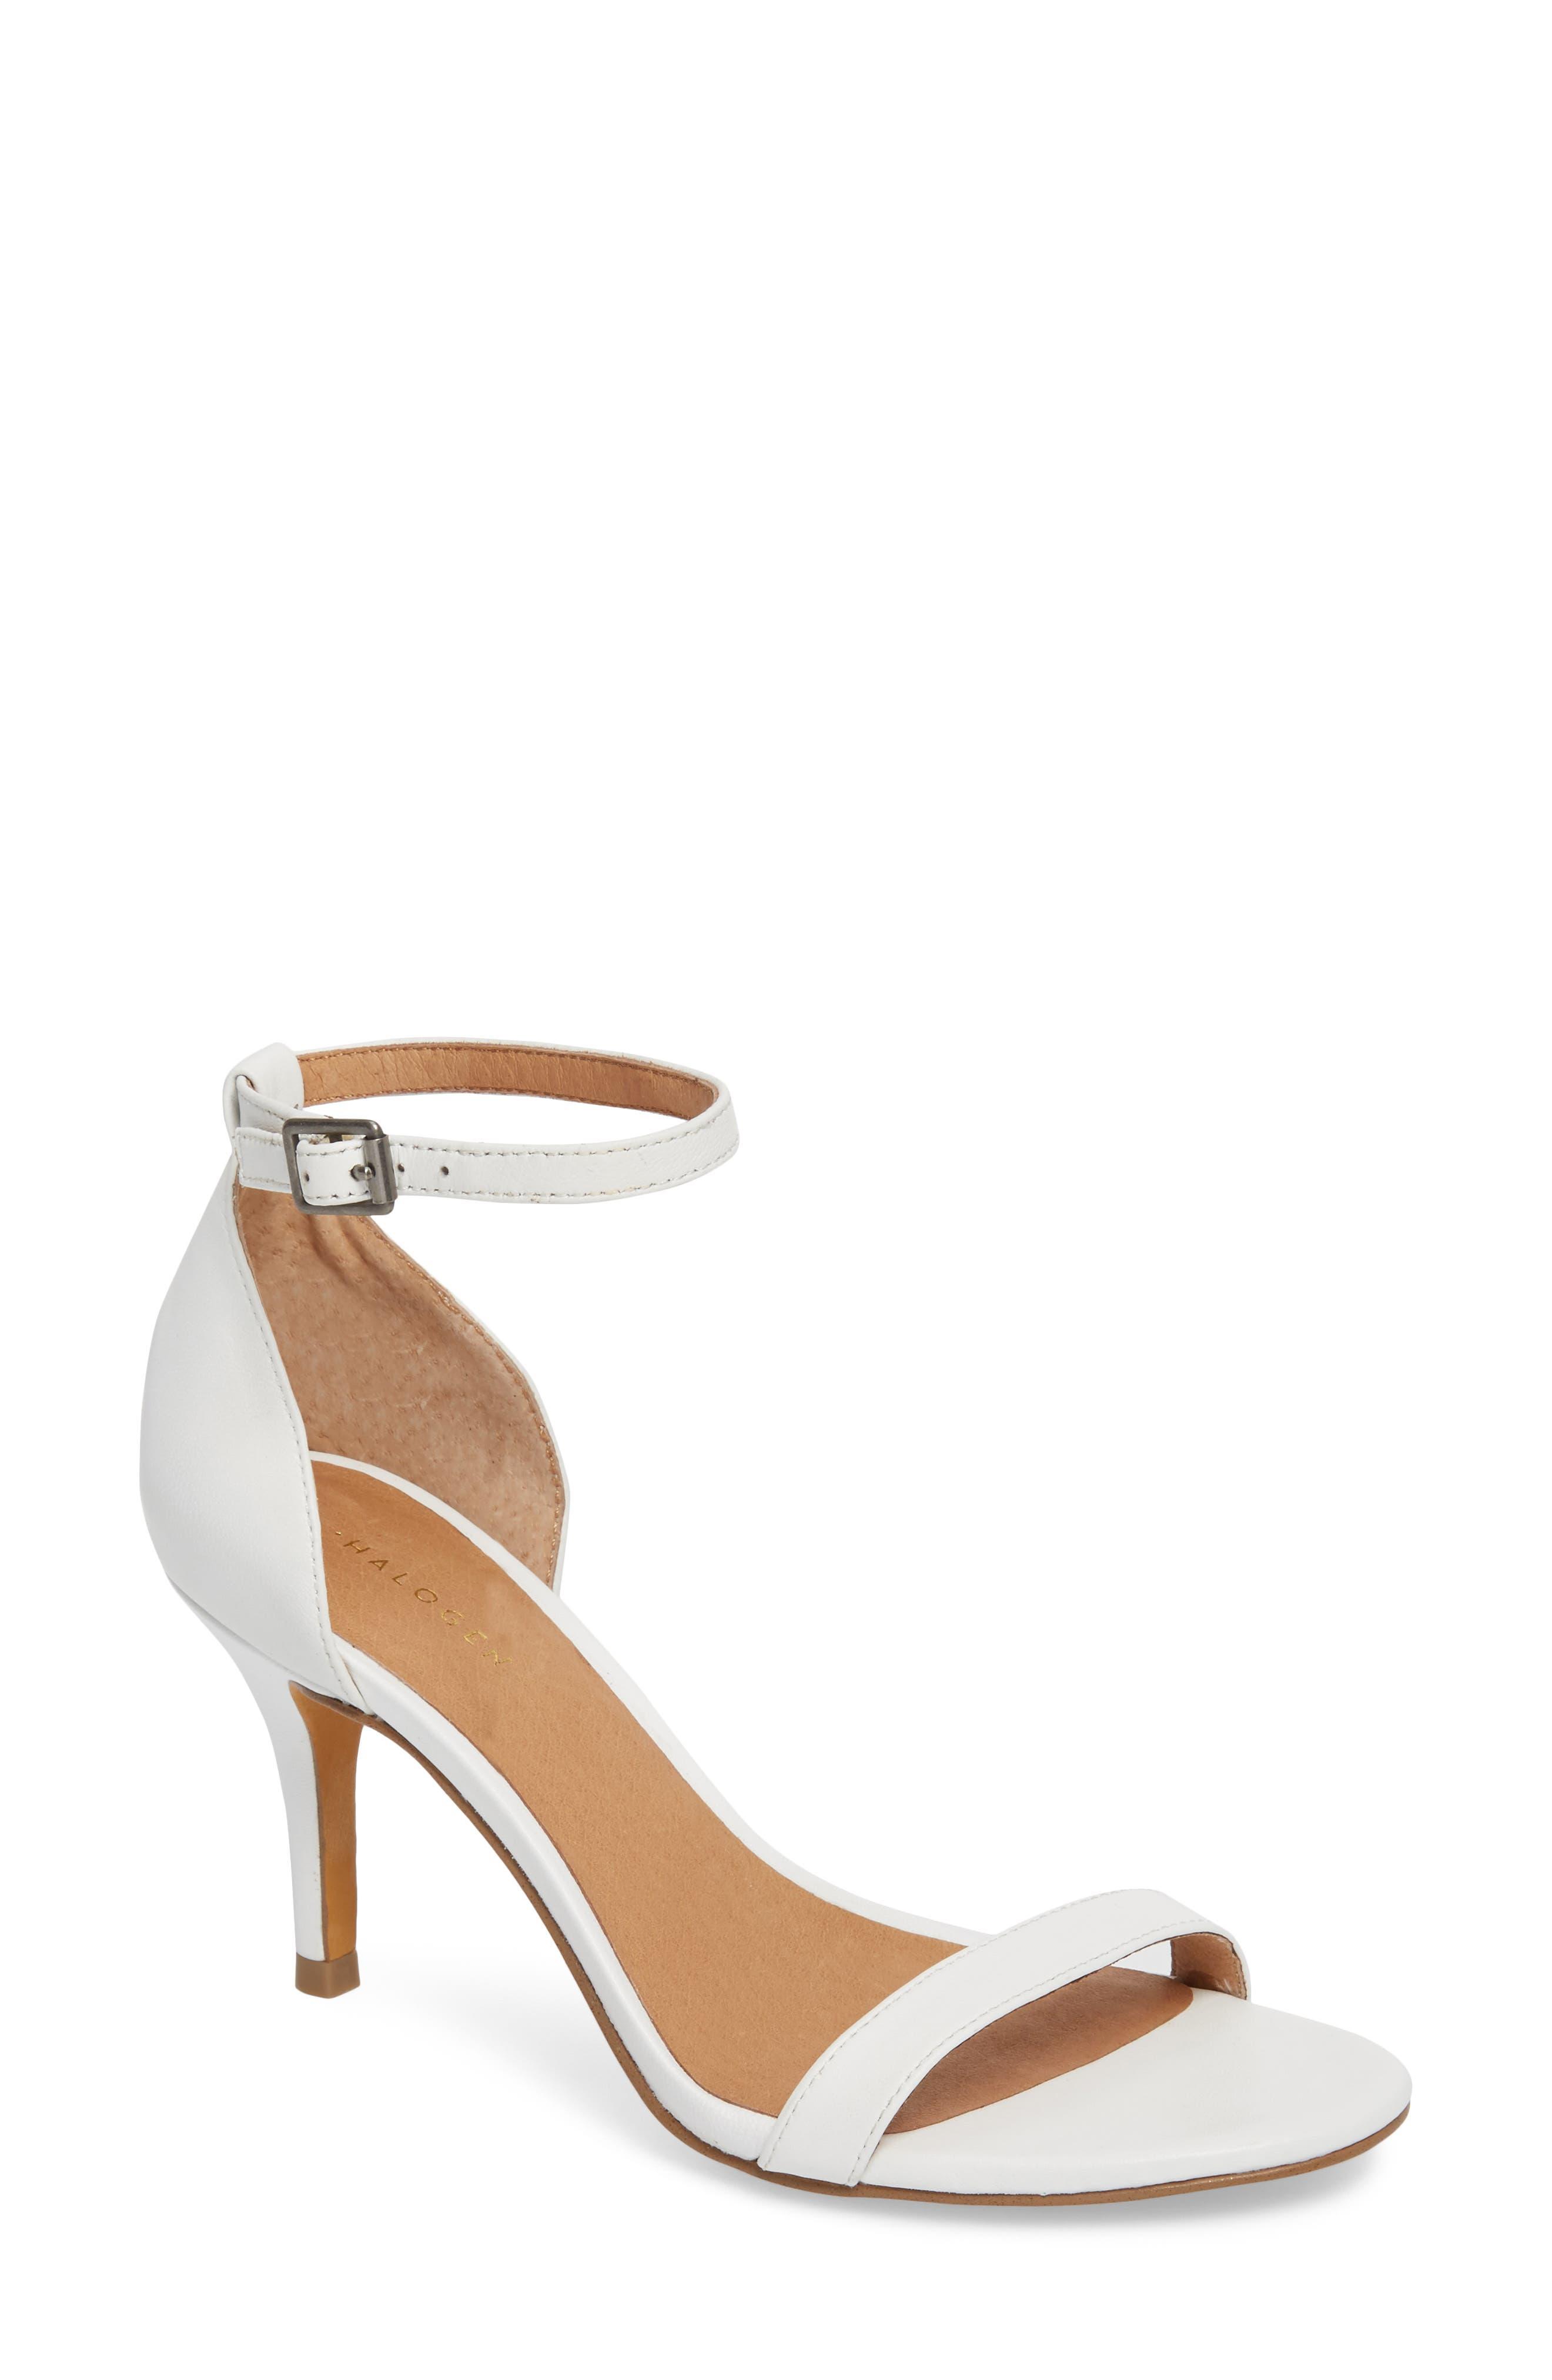 Audrey Ankle Strap Sandal,                             Main thumbnail 5, color,